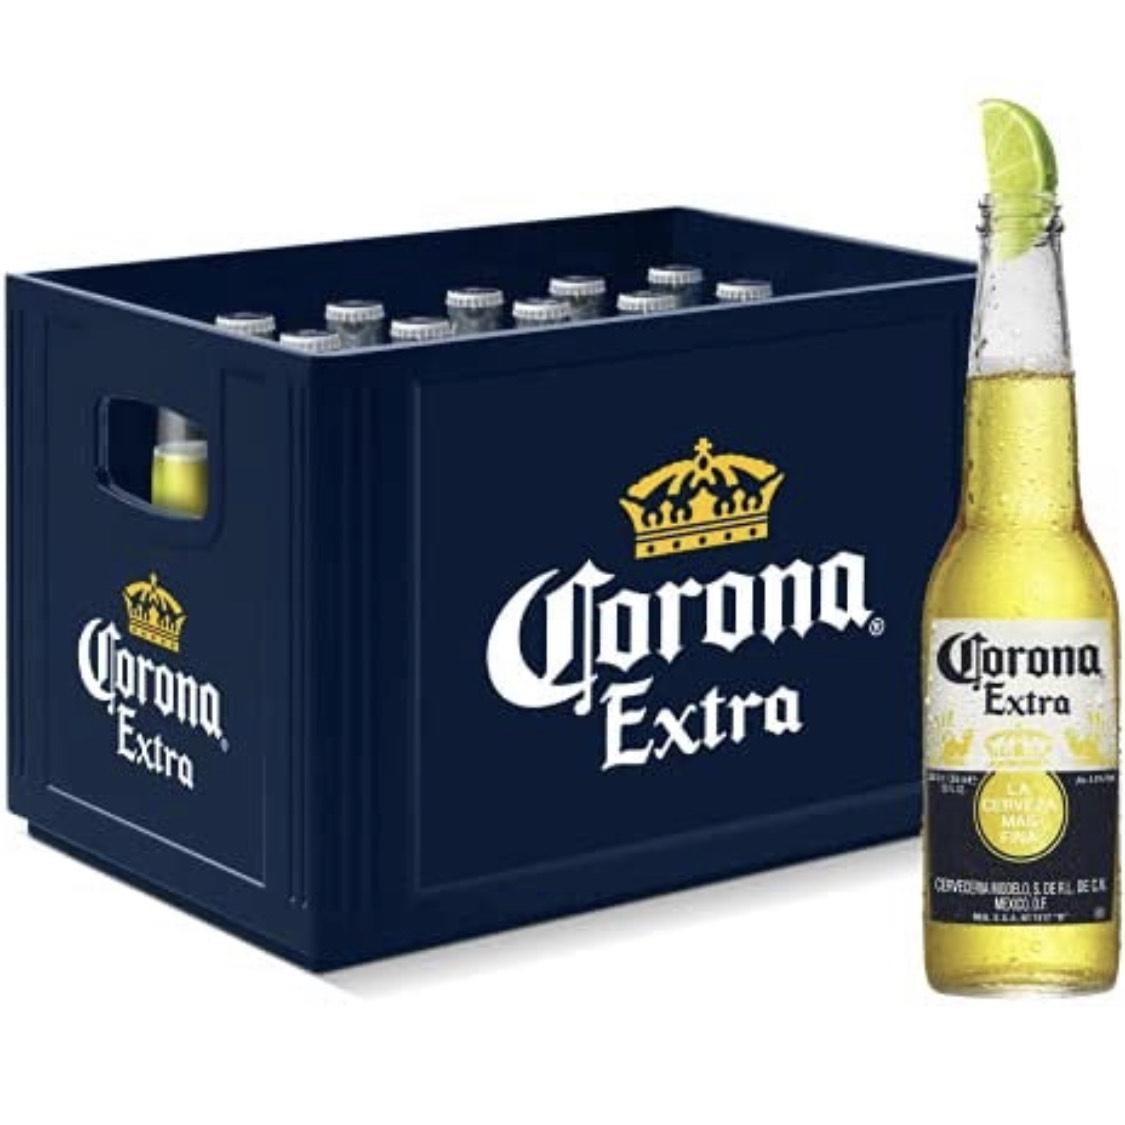 (Prime) Corona Extra (24 x 0.355l) Premium Lager Flaschenbier im Kasten